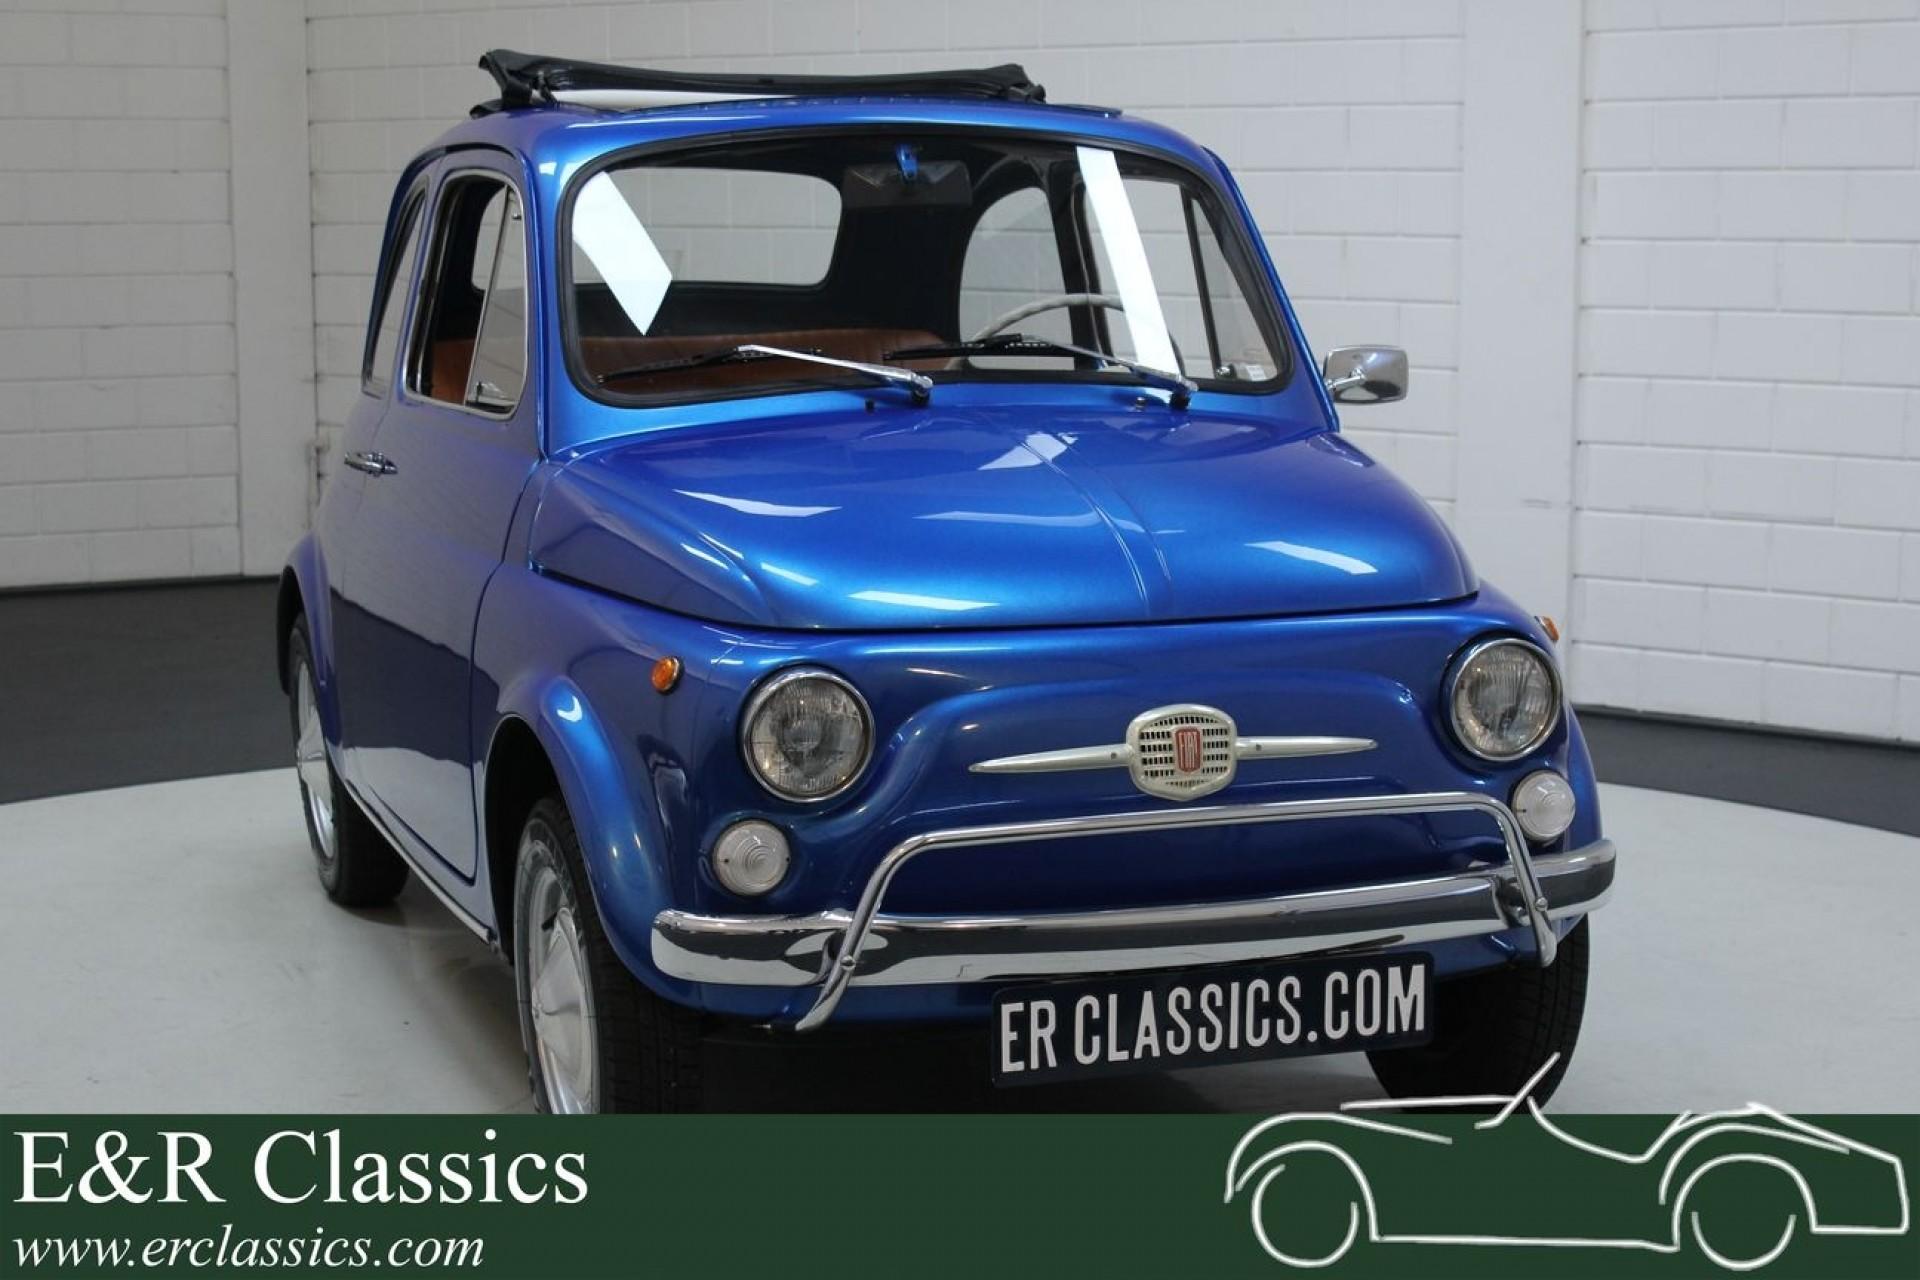 1968 フィアット 500 L